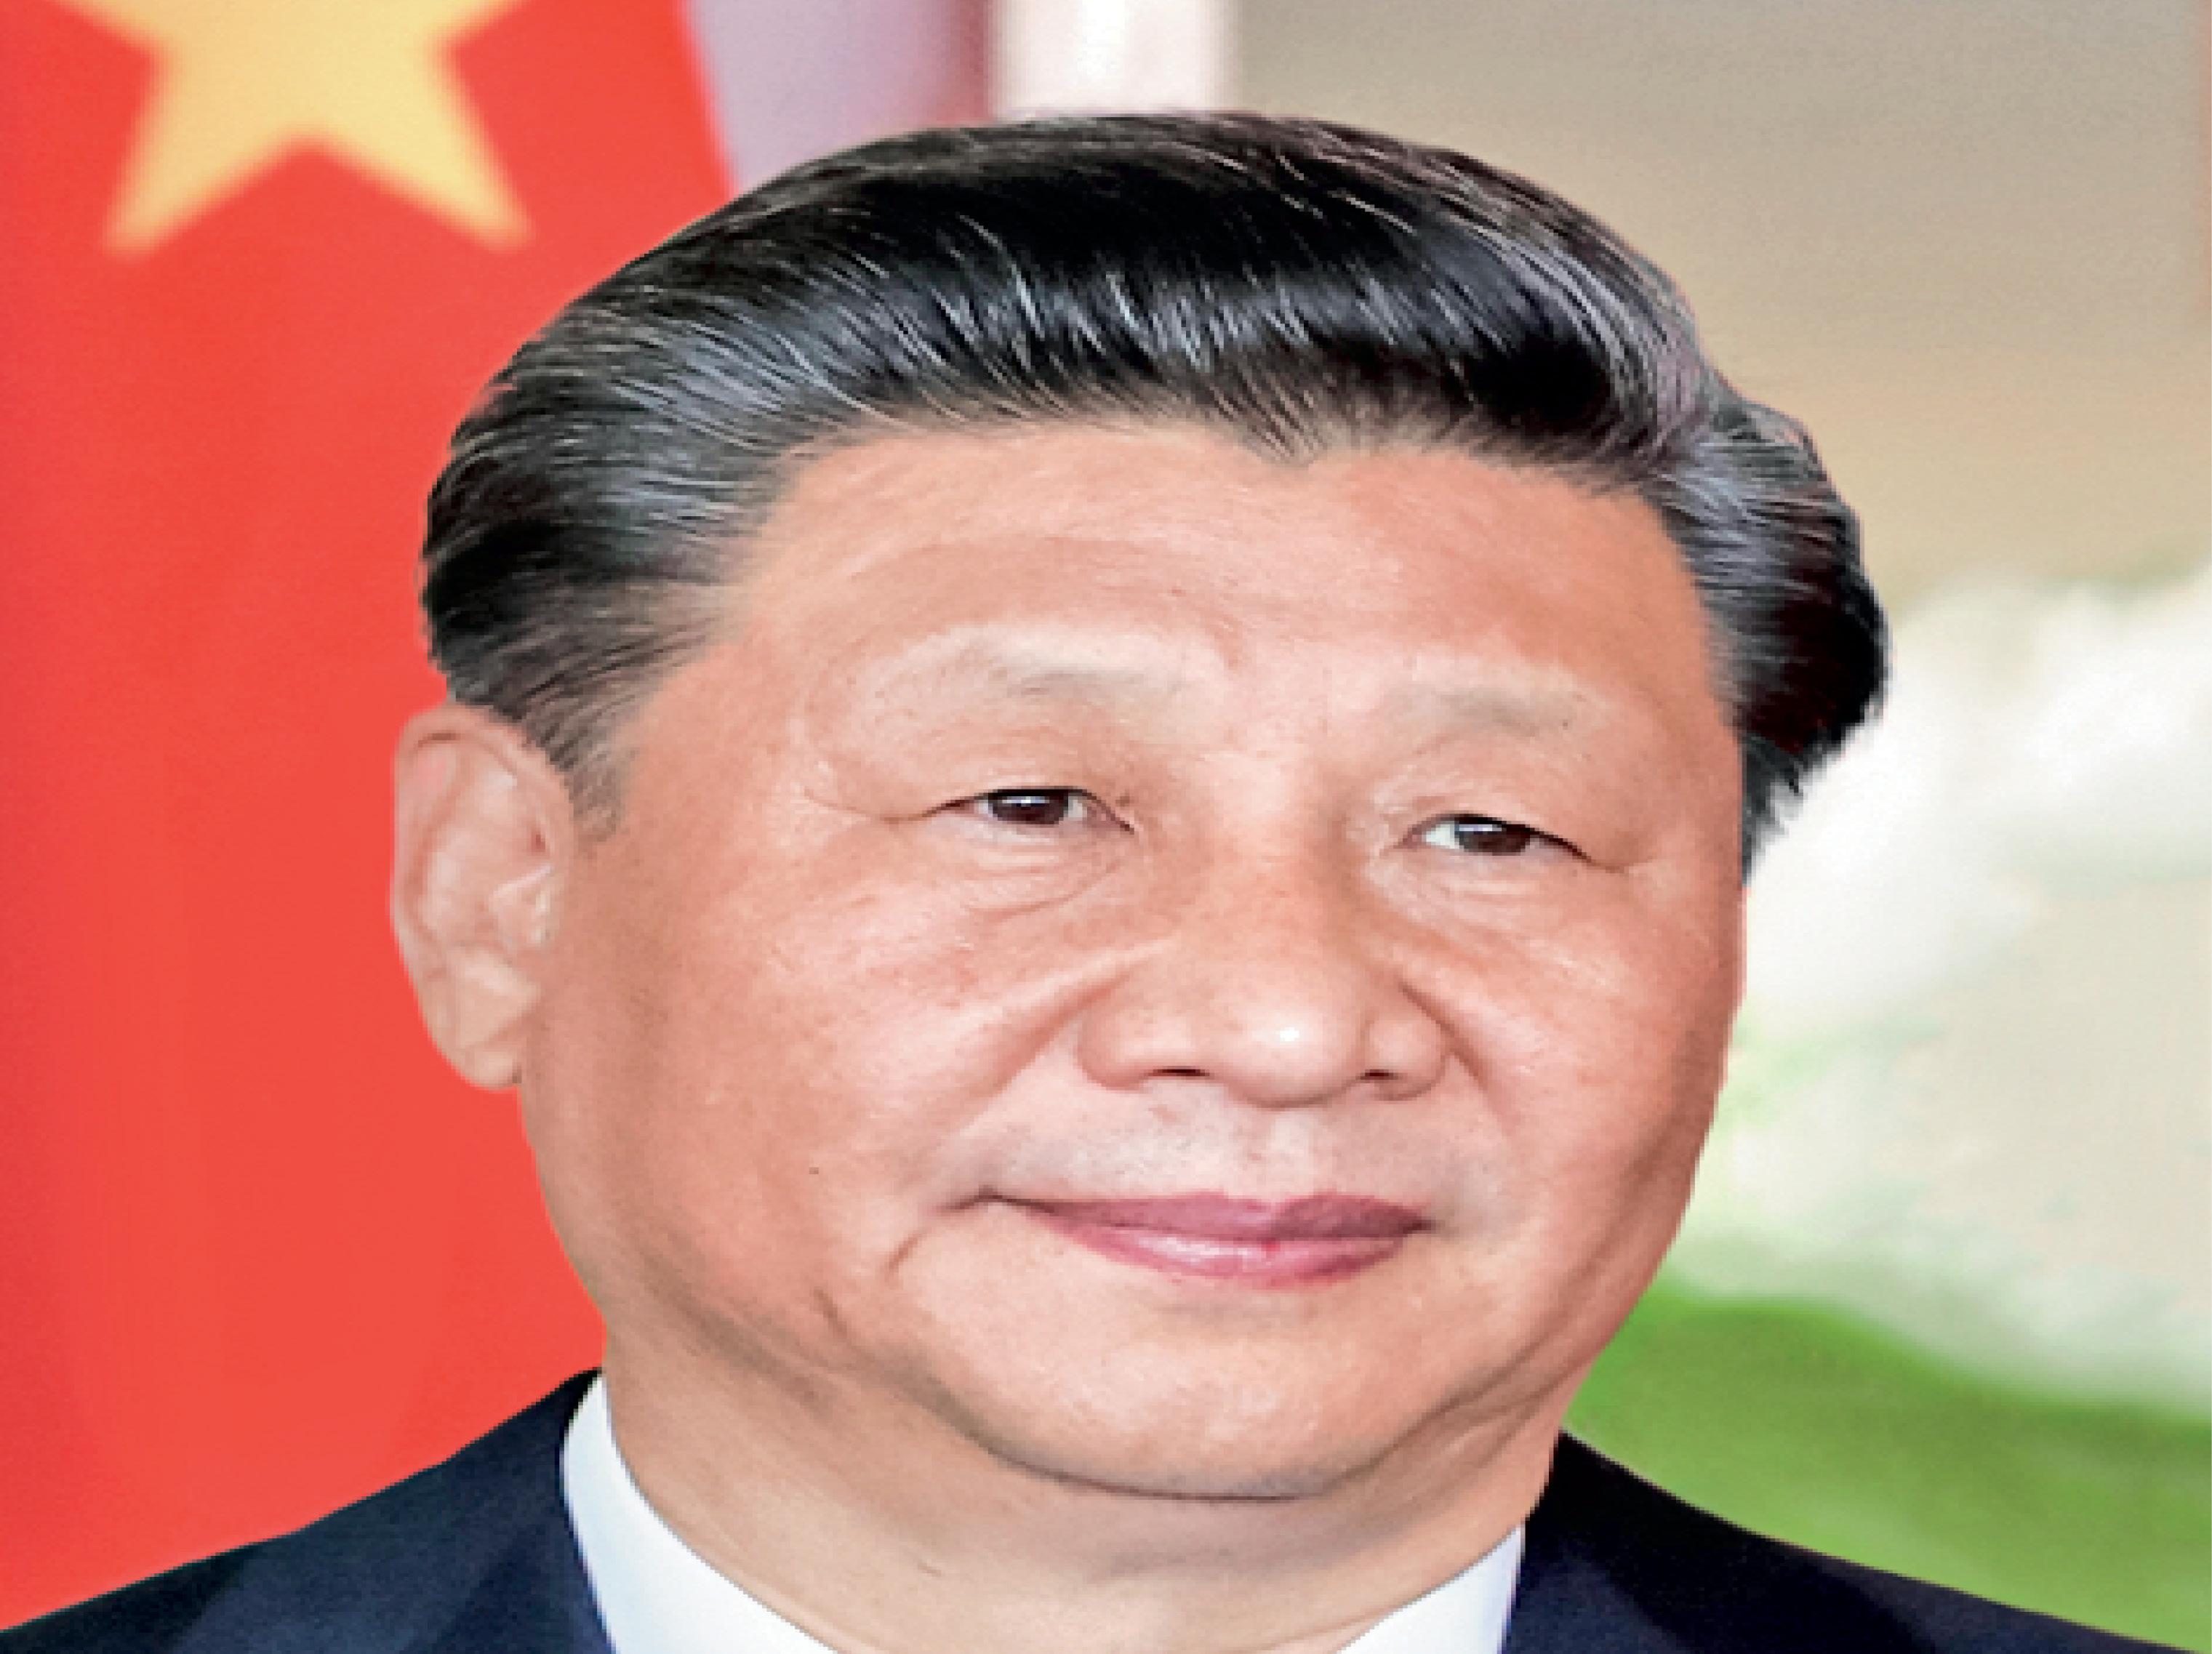 चीनी आलोचक बोले- राष्ट्रपति जिनपिंग अपनी ही पार्टी के लिए खतरा, करोड़ों सदस्यों का हाल गुलामों जैसा है|विदेश,International - Dainik Bhaskar